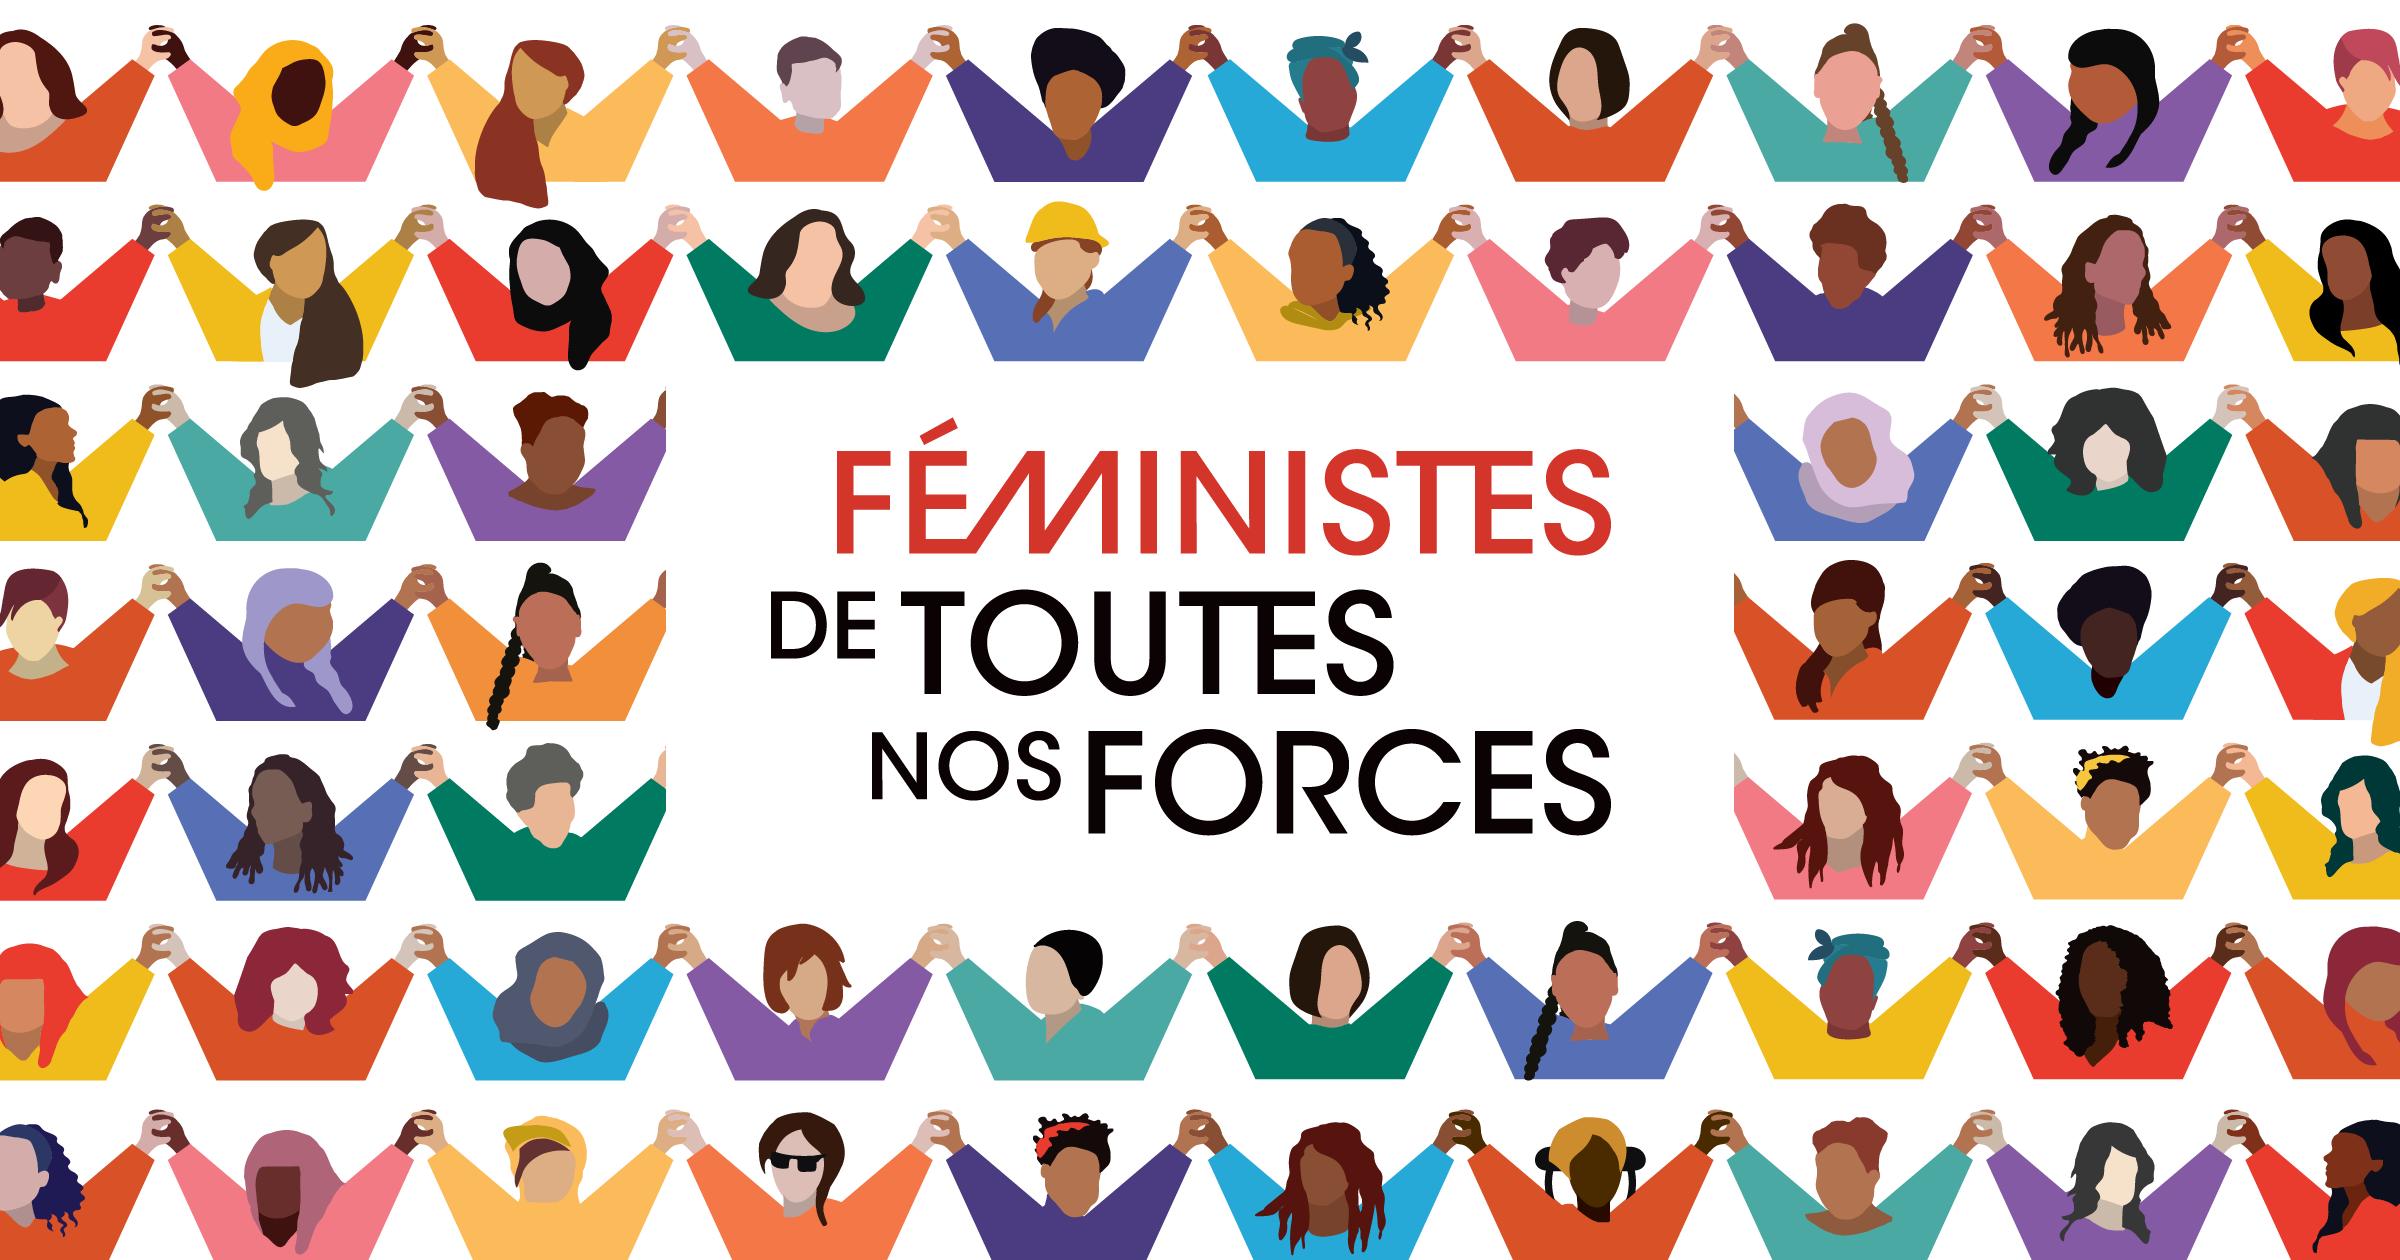 Journée internationale des droits des femmes 2020 : féministes de toute nos forces